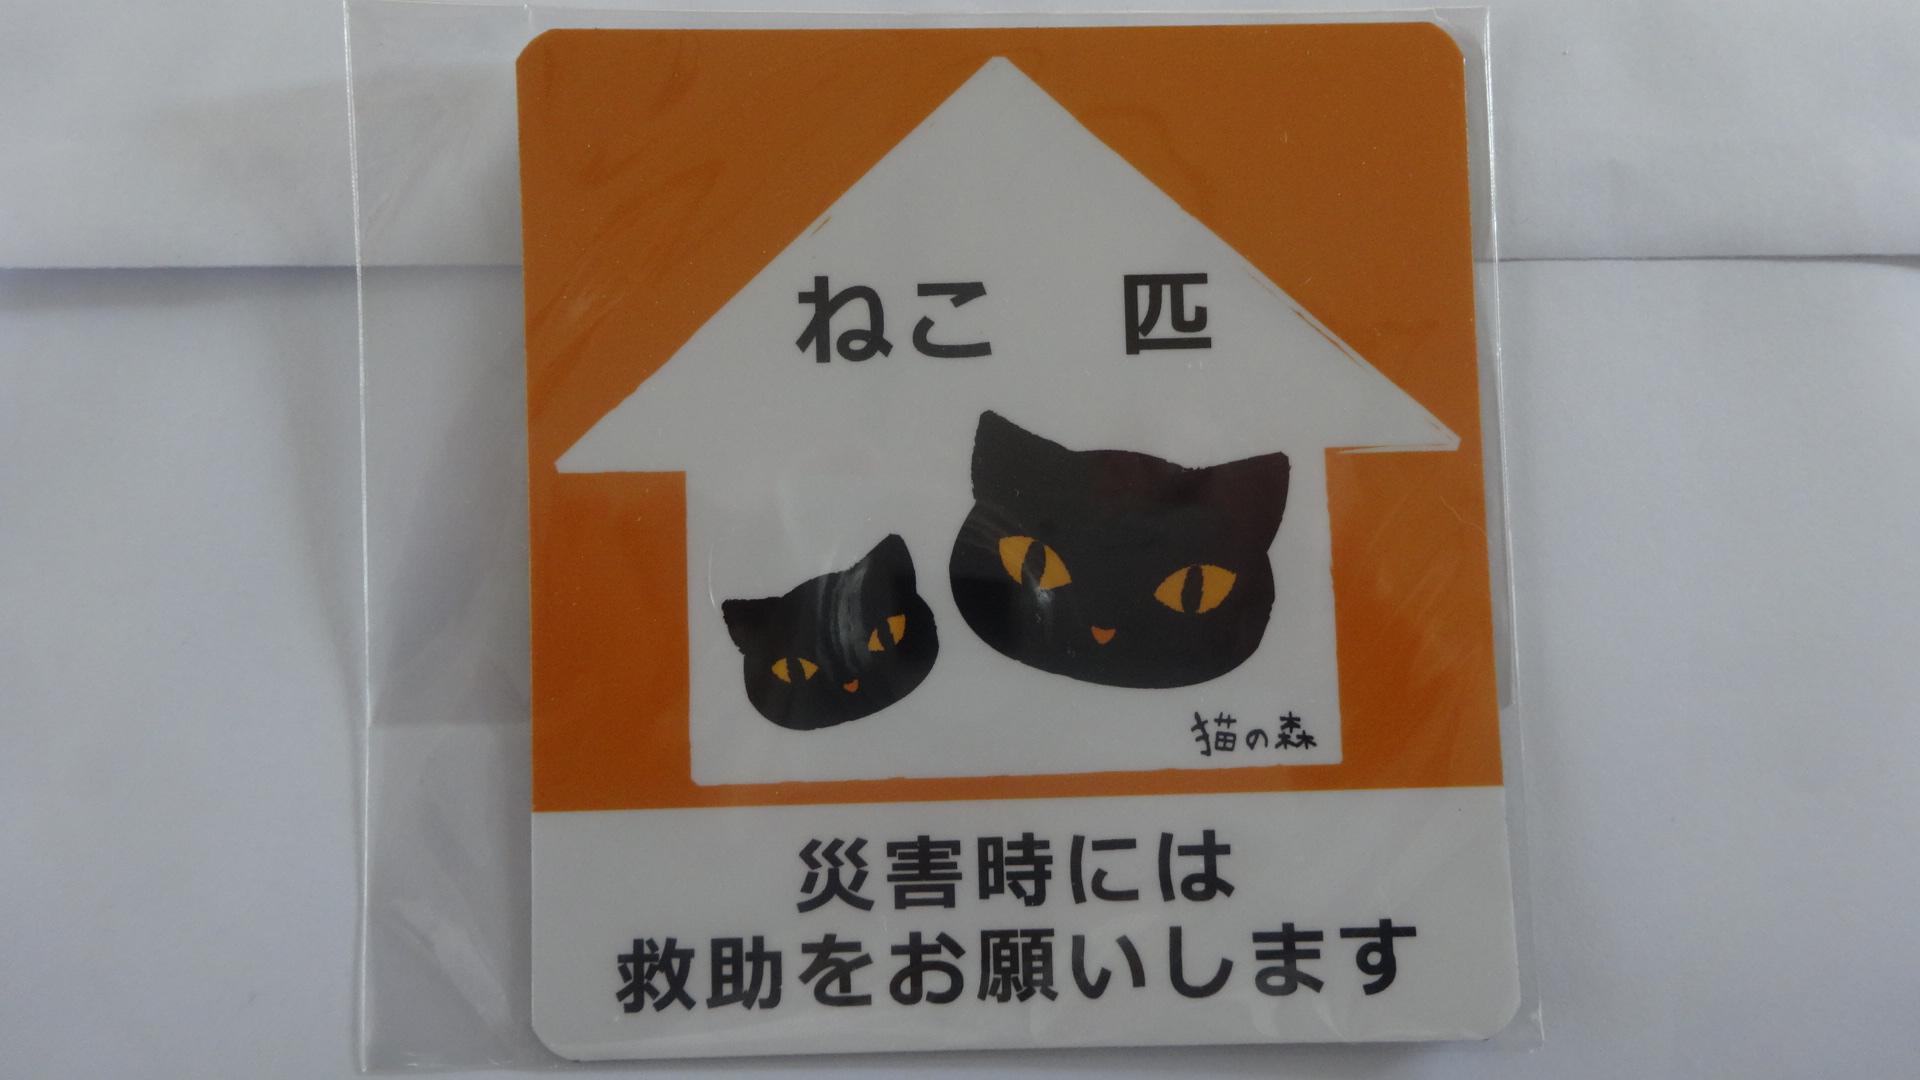 ネコの救済をお願いする災害時用のステッカー